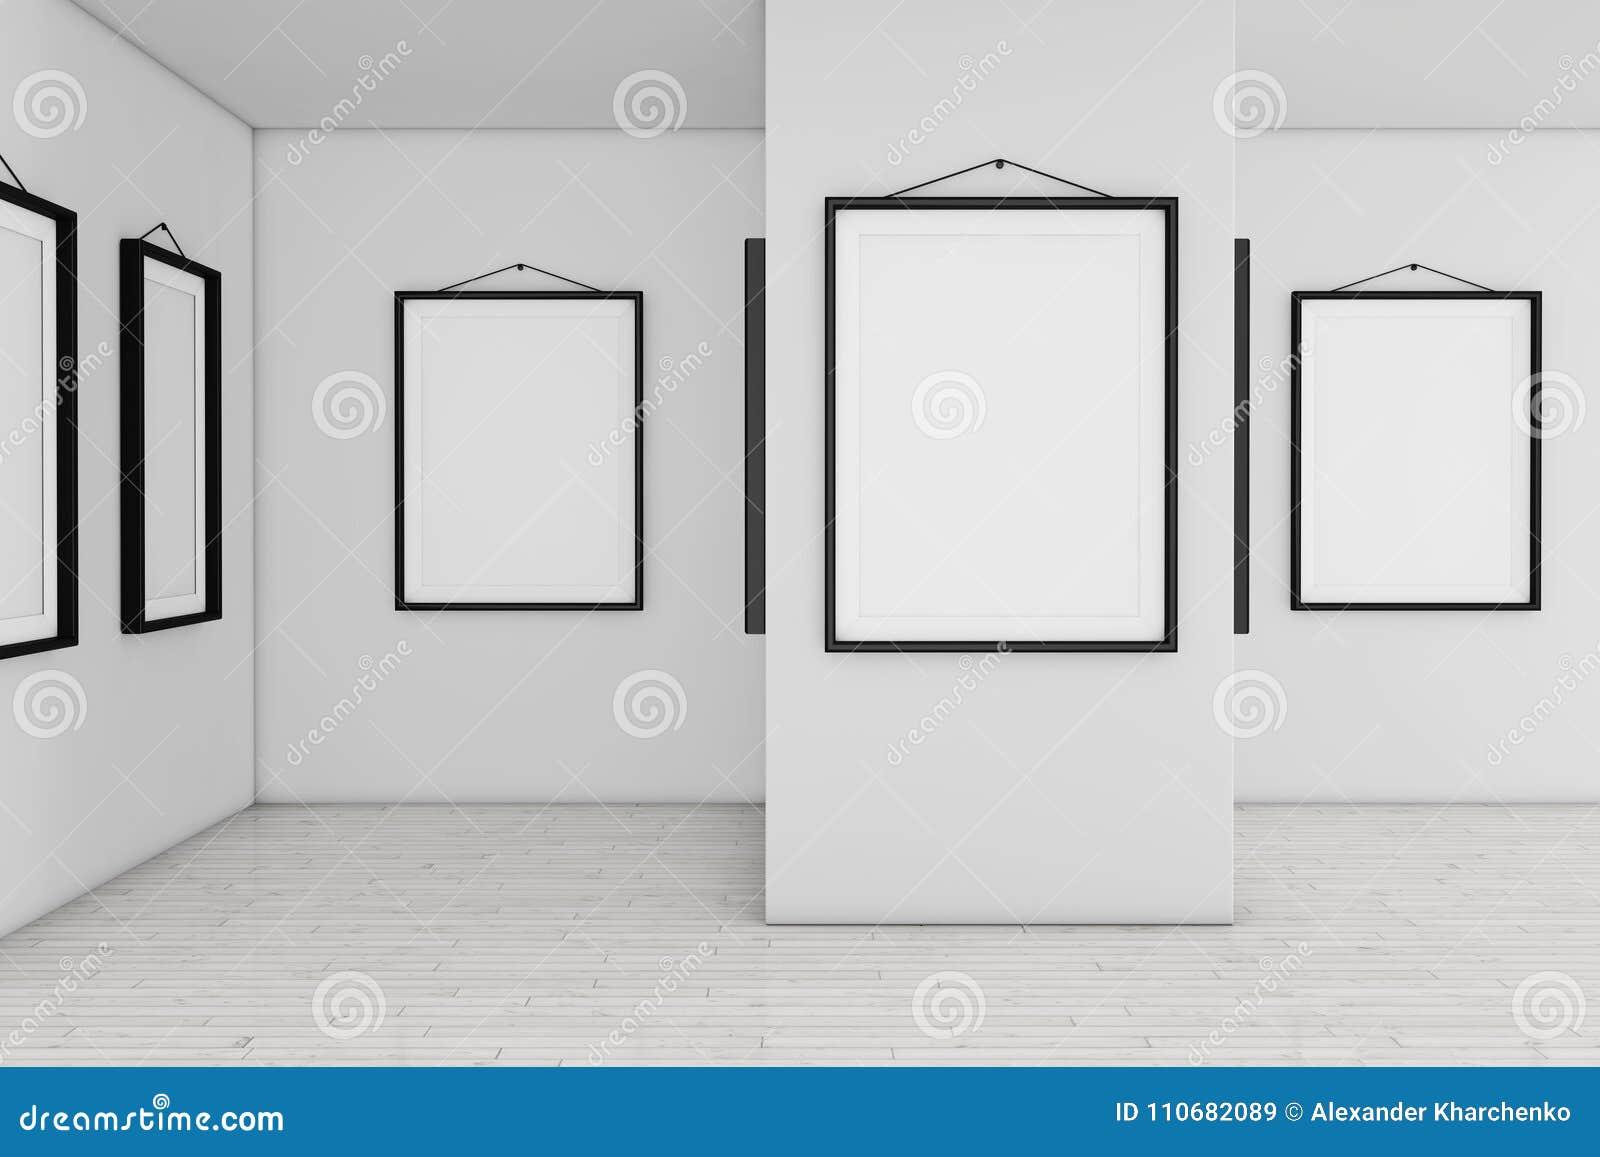 Art Gallery Museum Mit Weißen Leeren Plakat-Modell-Rahmen 3d ...